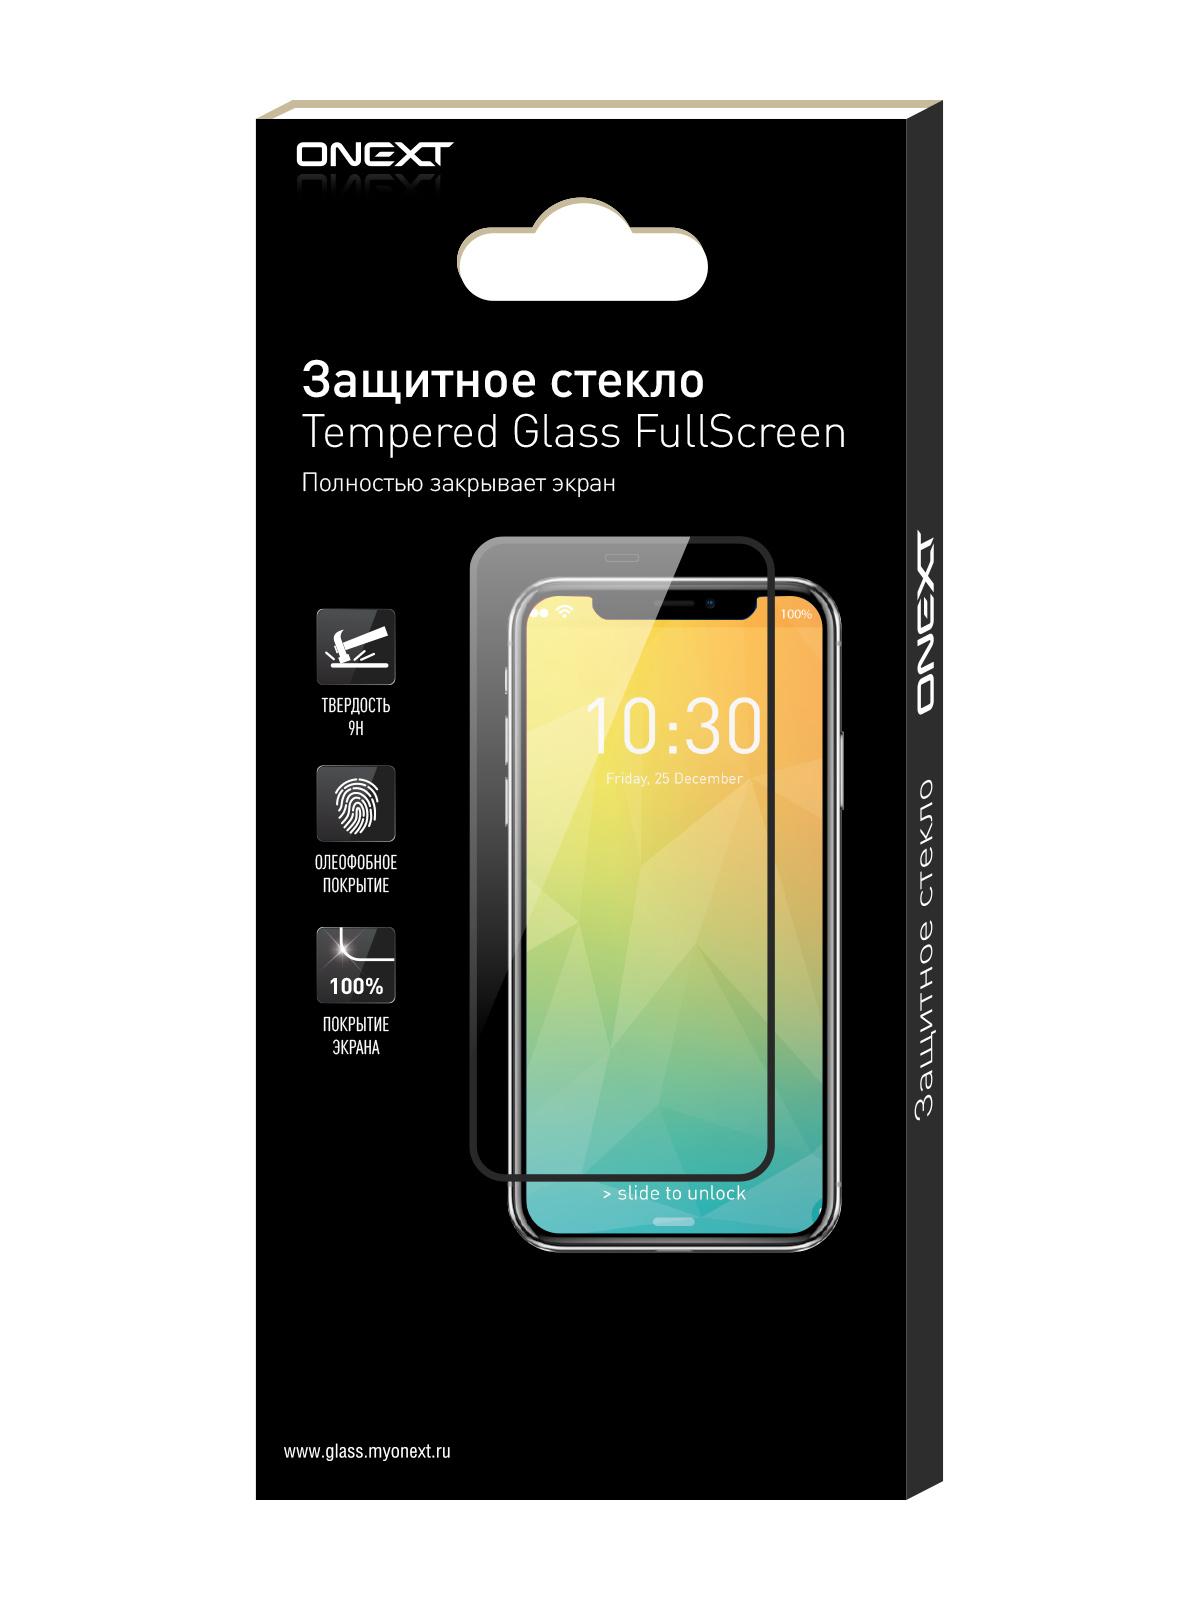 Защитное стекло ONEXT для Xiaomi Redmi Note 5 Pro White